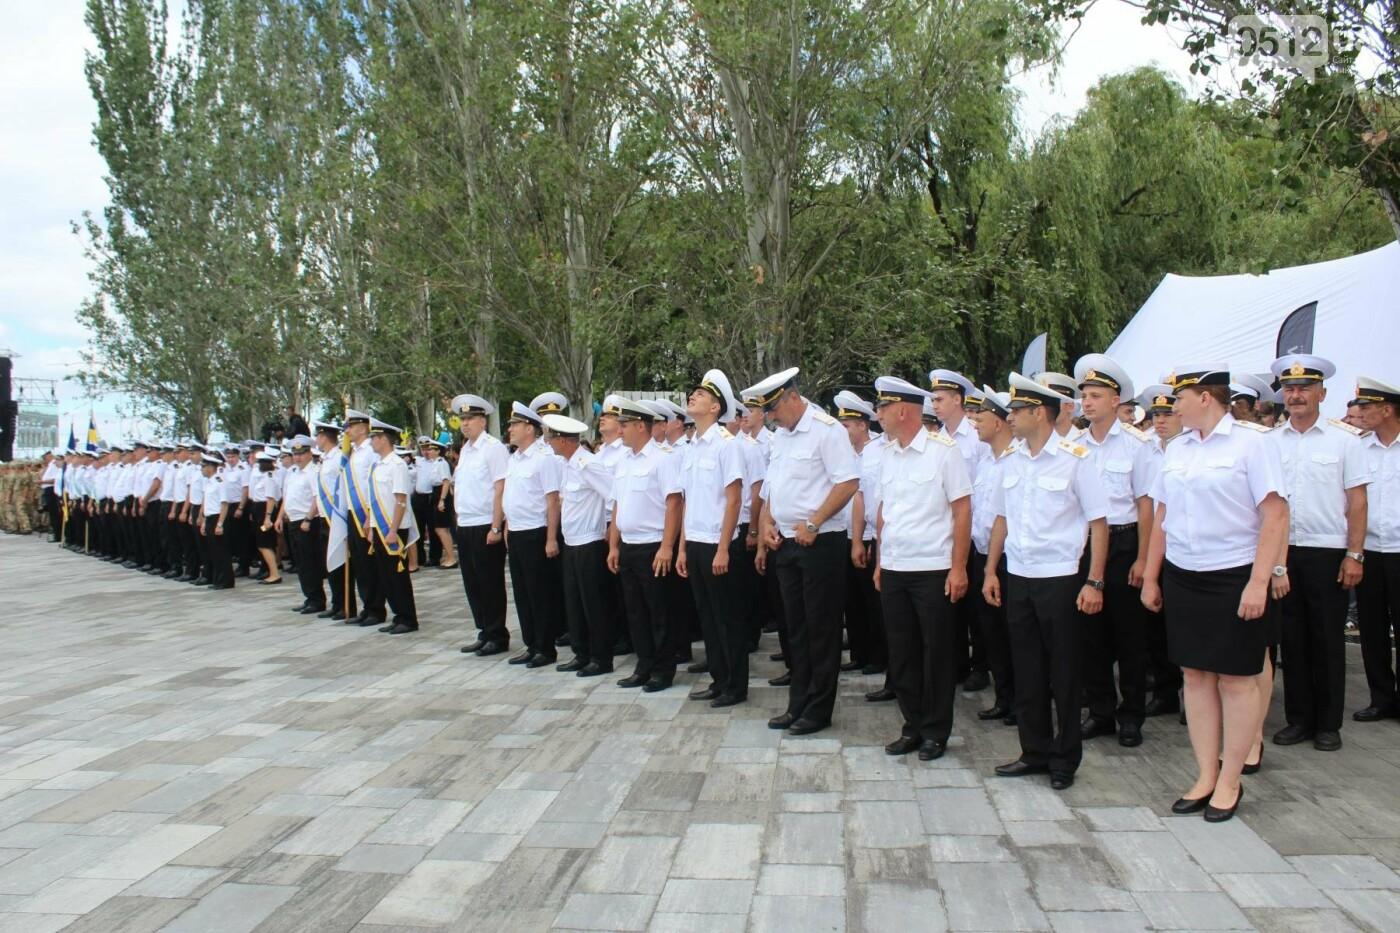 Полевая кухня, марш военных и выставка техники: как в Николаеве отмечали День ВМС Украины, фото-23